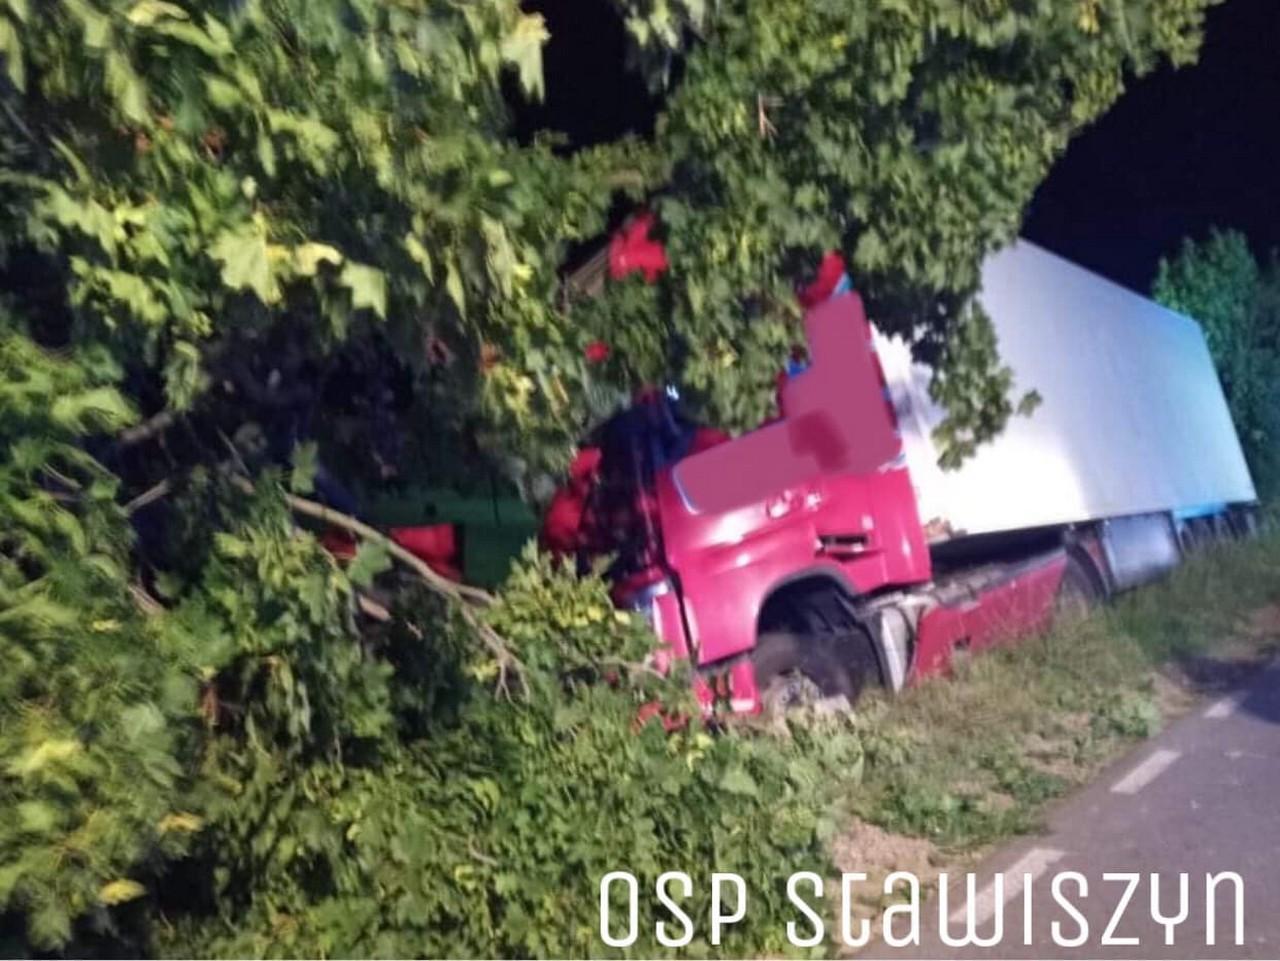 Tragiczny wypadek w gminie Blizanów. Nie żyje 30-latek z powiatu pleszewskiego - Zdjęcie główne